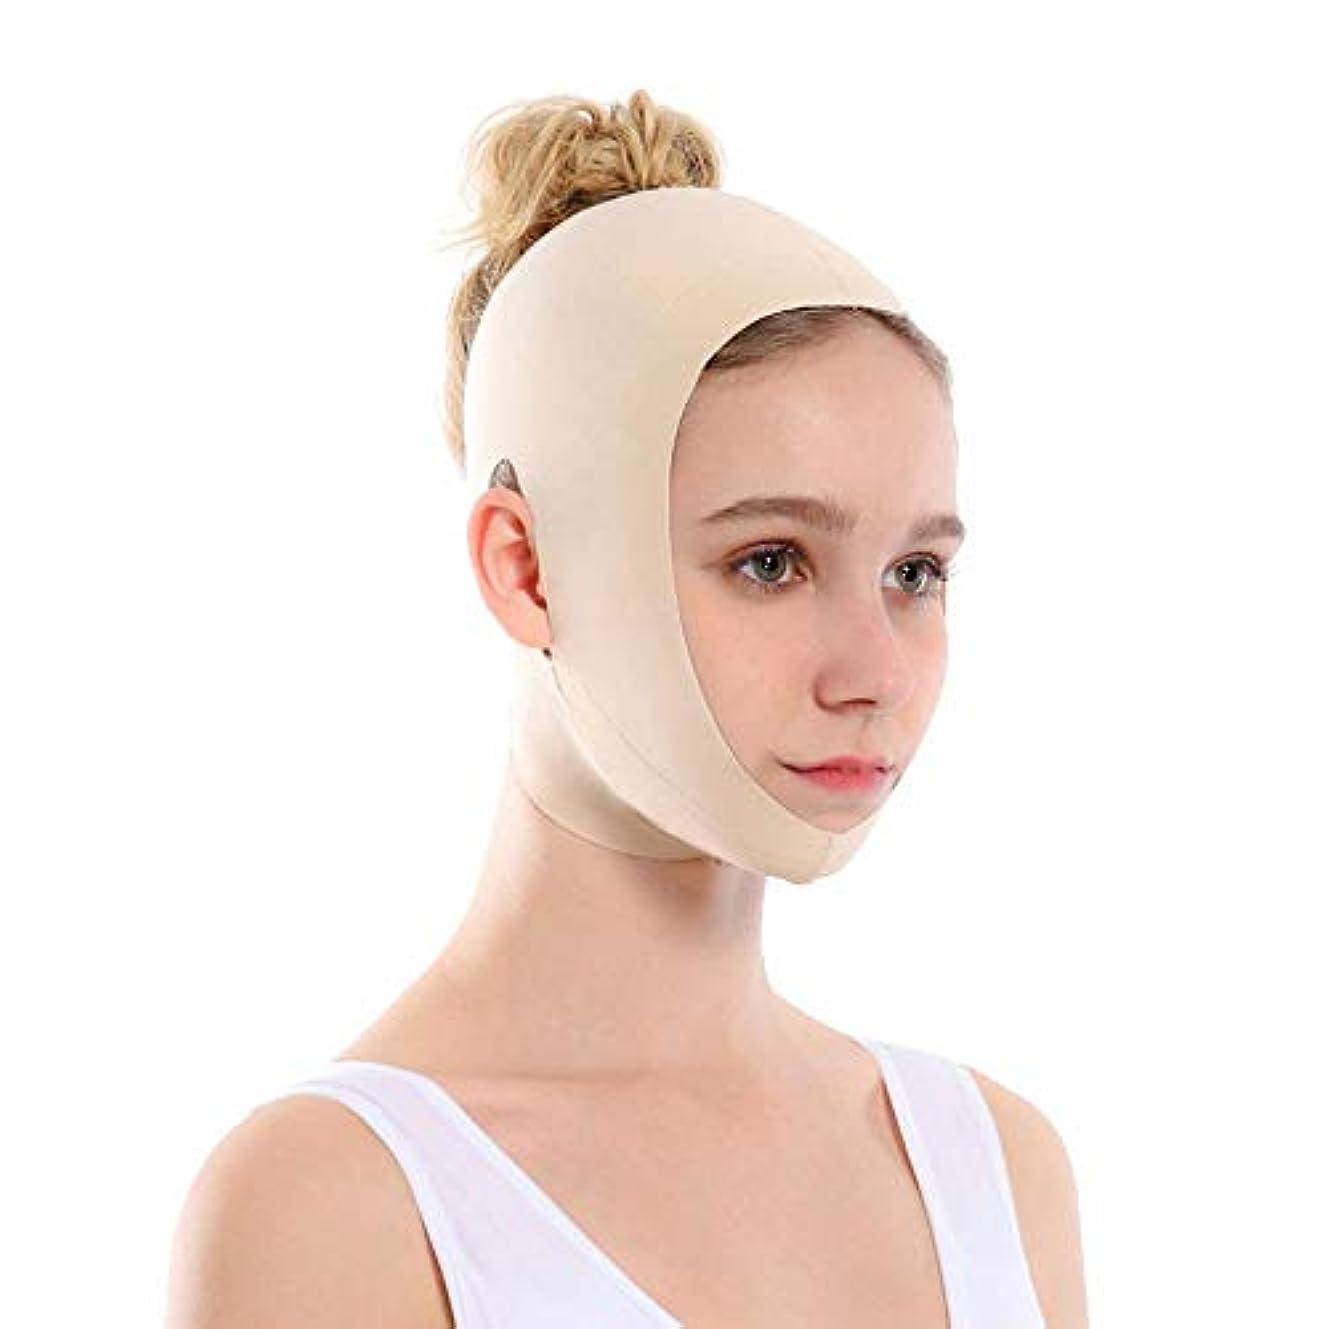 可能性イディオム伝説Minmin 顔を持ち上げるアーティファクトVフェイス包帯リフティング引き締め睡眠薄い顔を整形持ち上げる顔を二重あご矯正 - 肌の色 みんみんVラインフェイスマスク